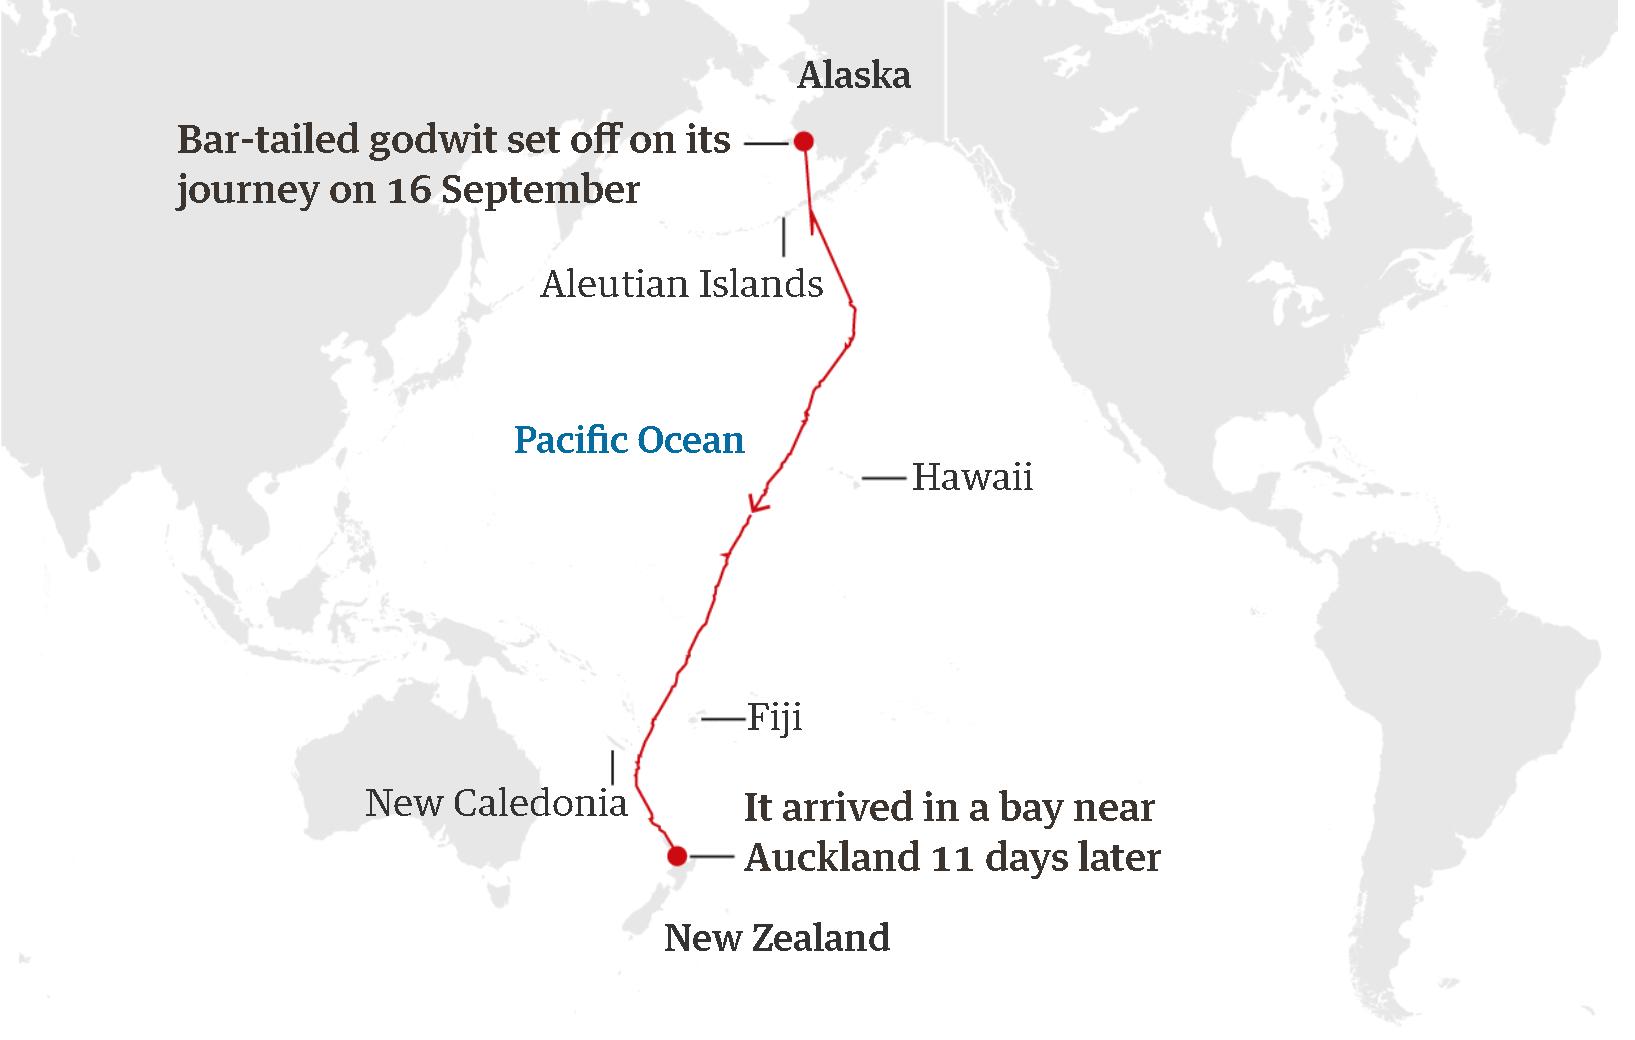 Арктическая птица установила новый рекорд беспосадочного полета